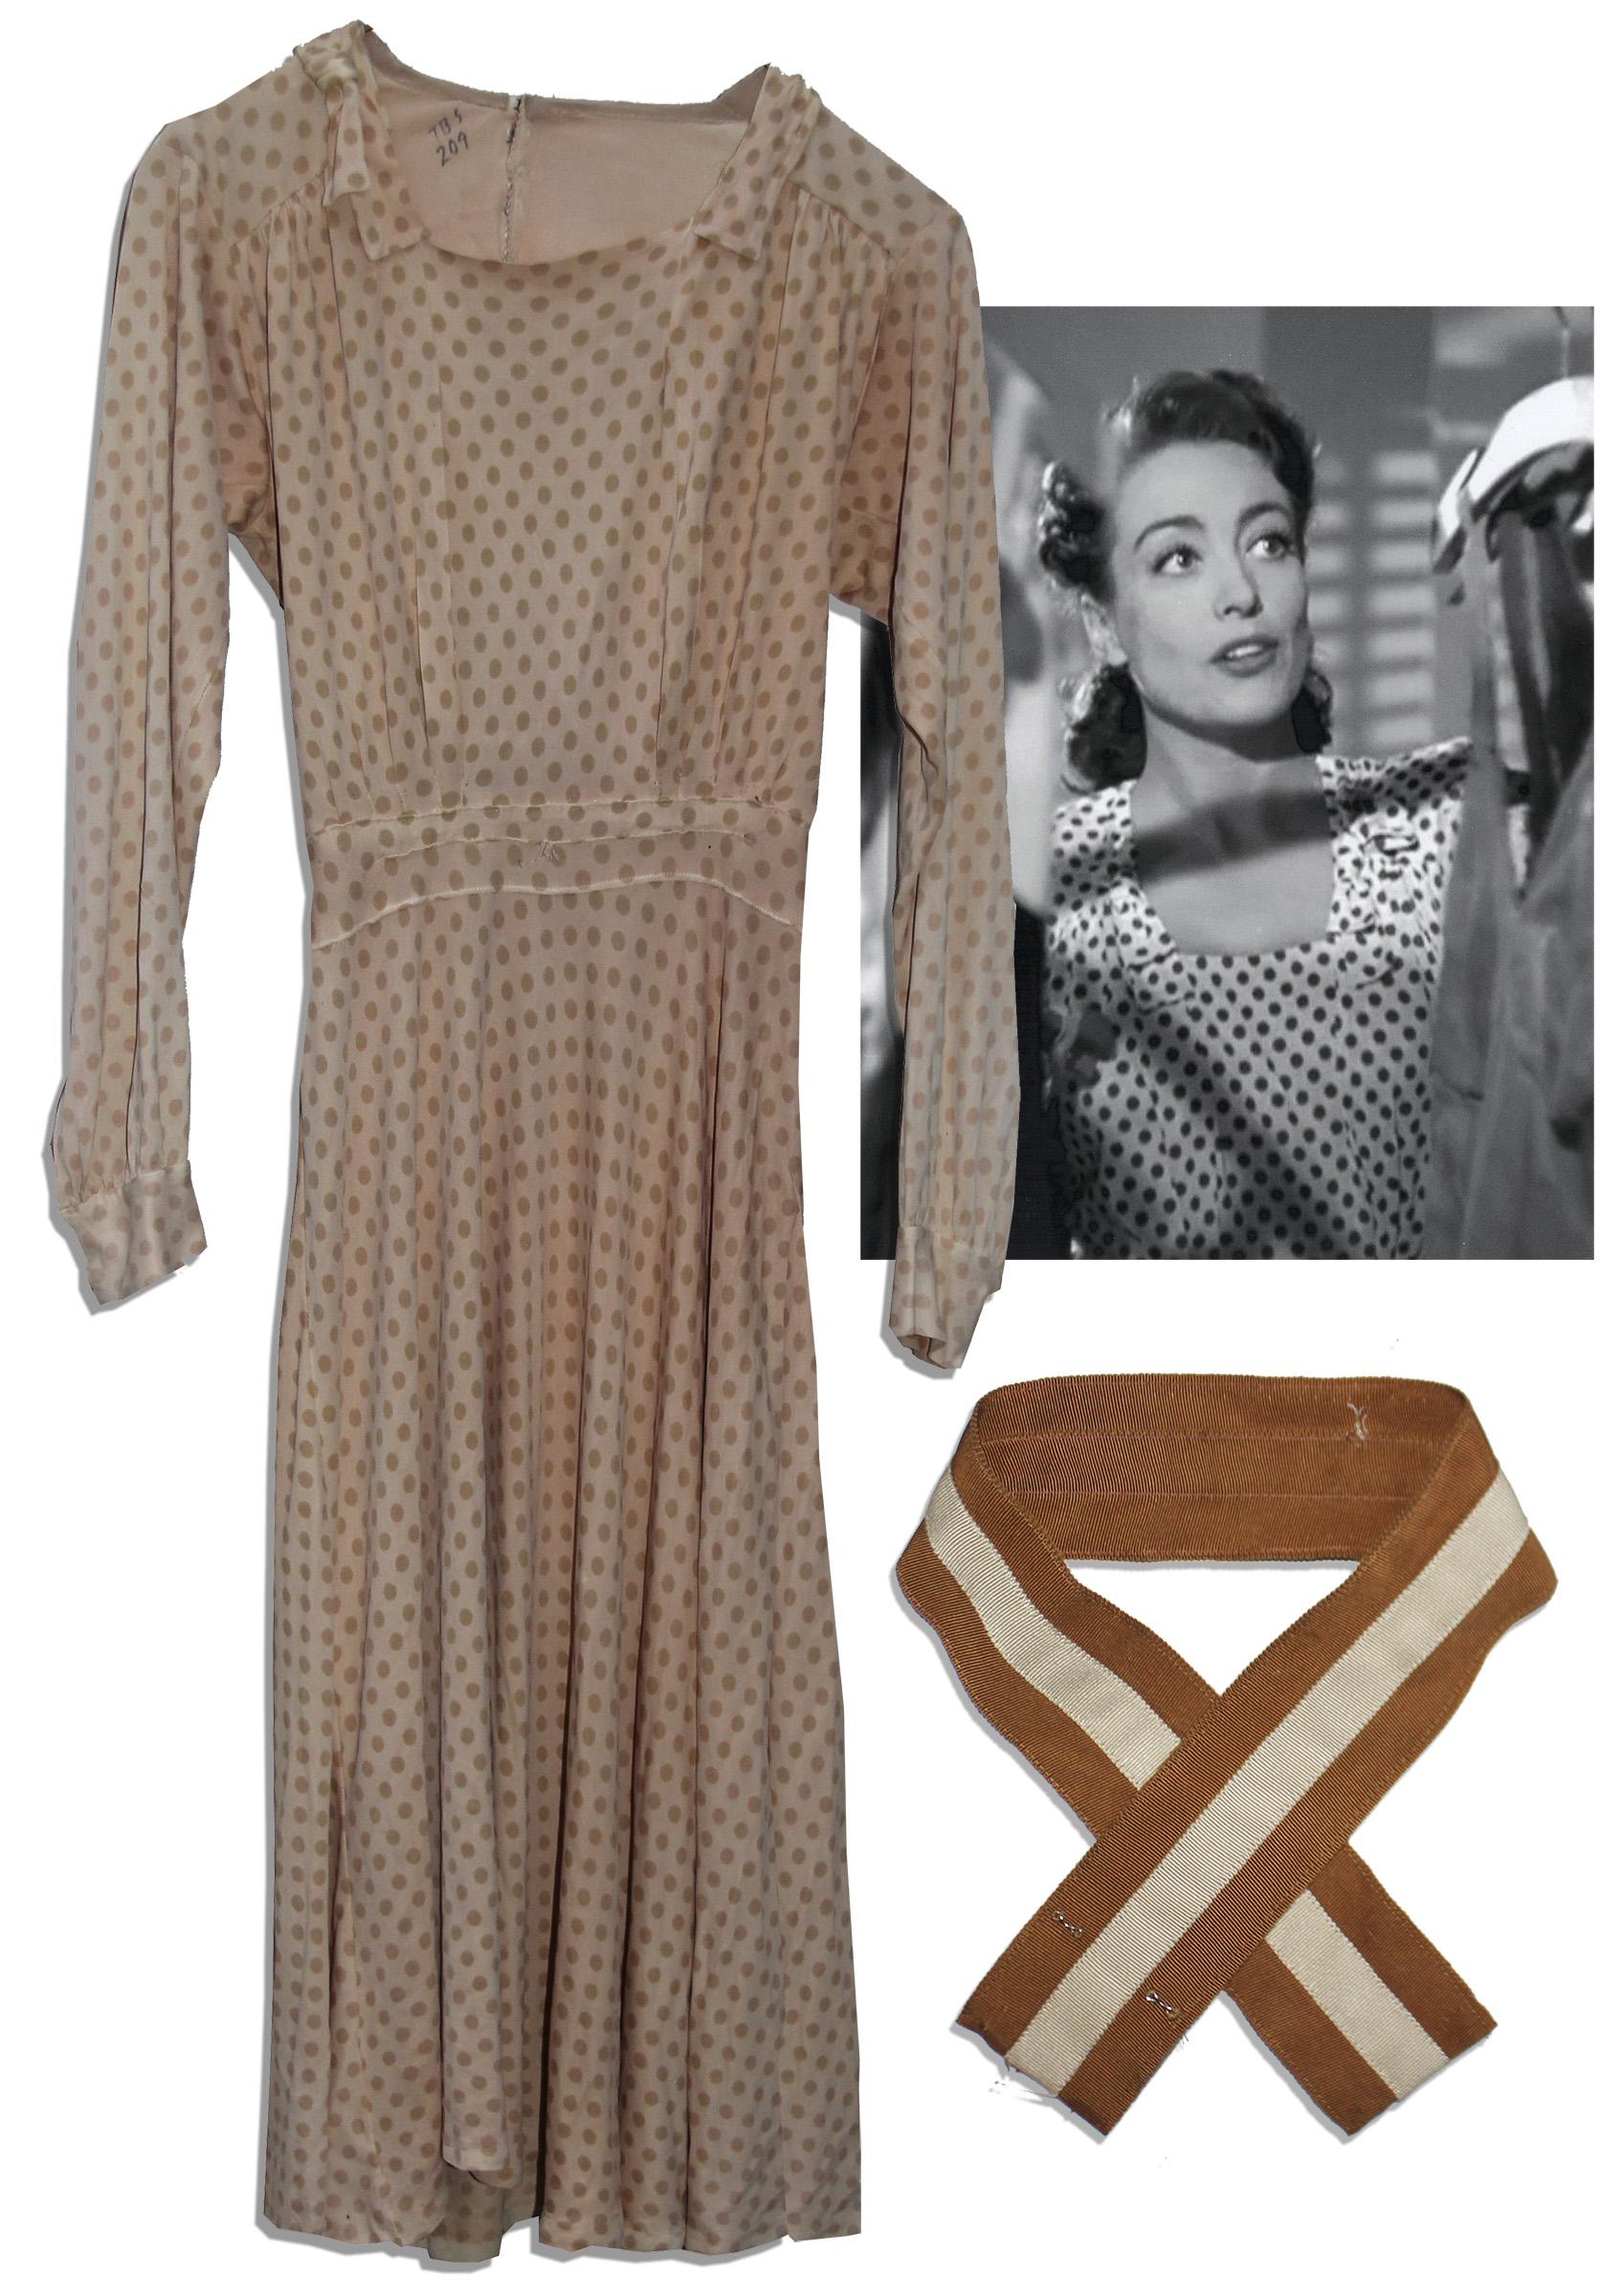 Joan Crawford Memorabilia